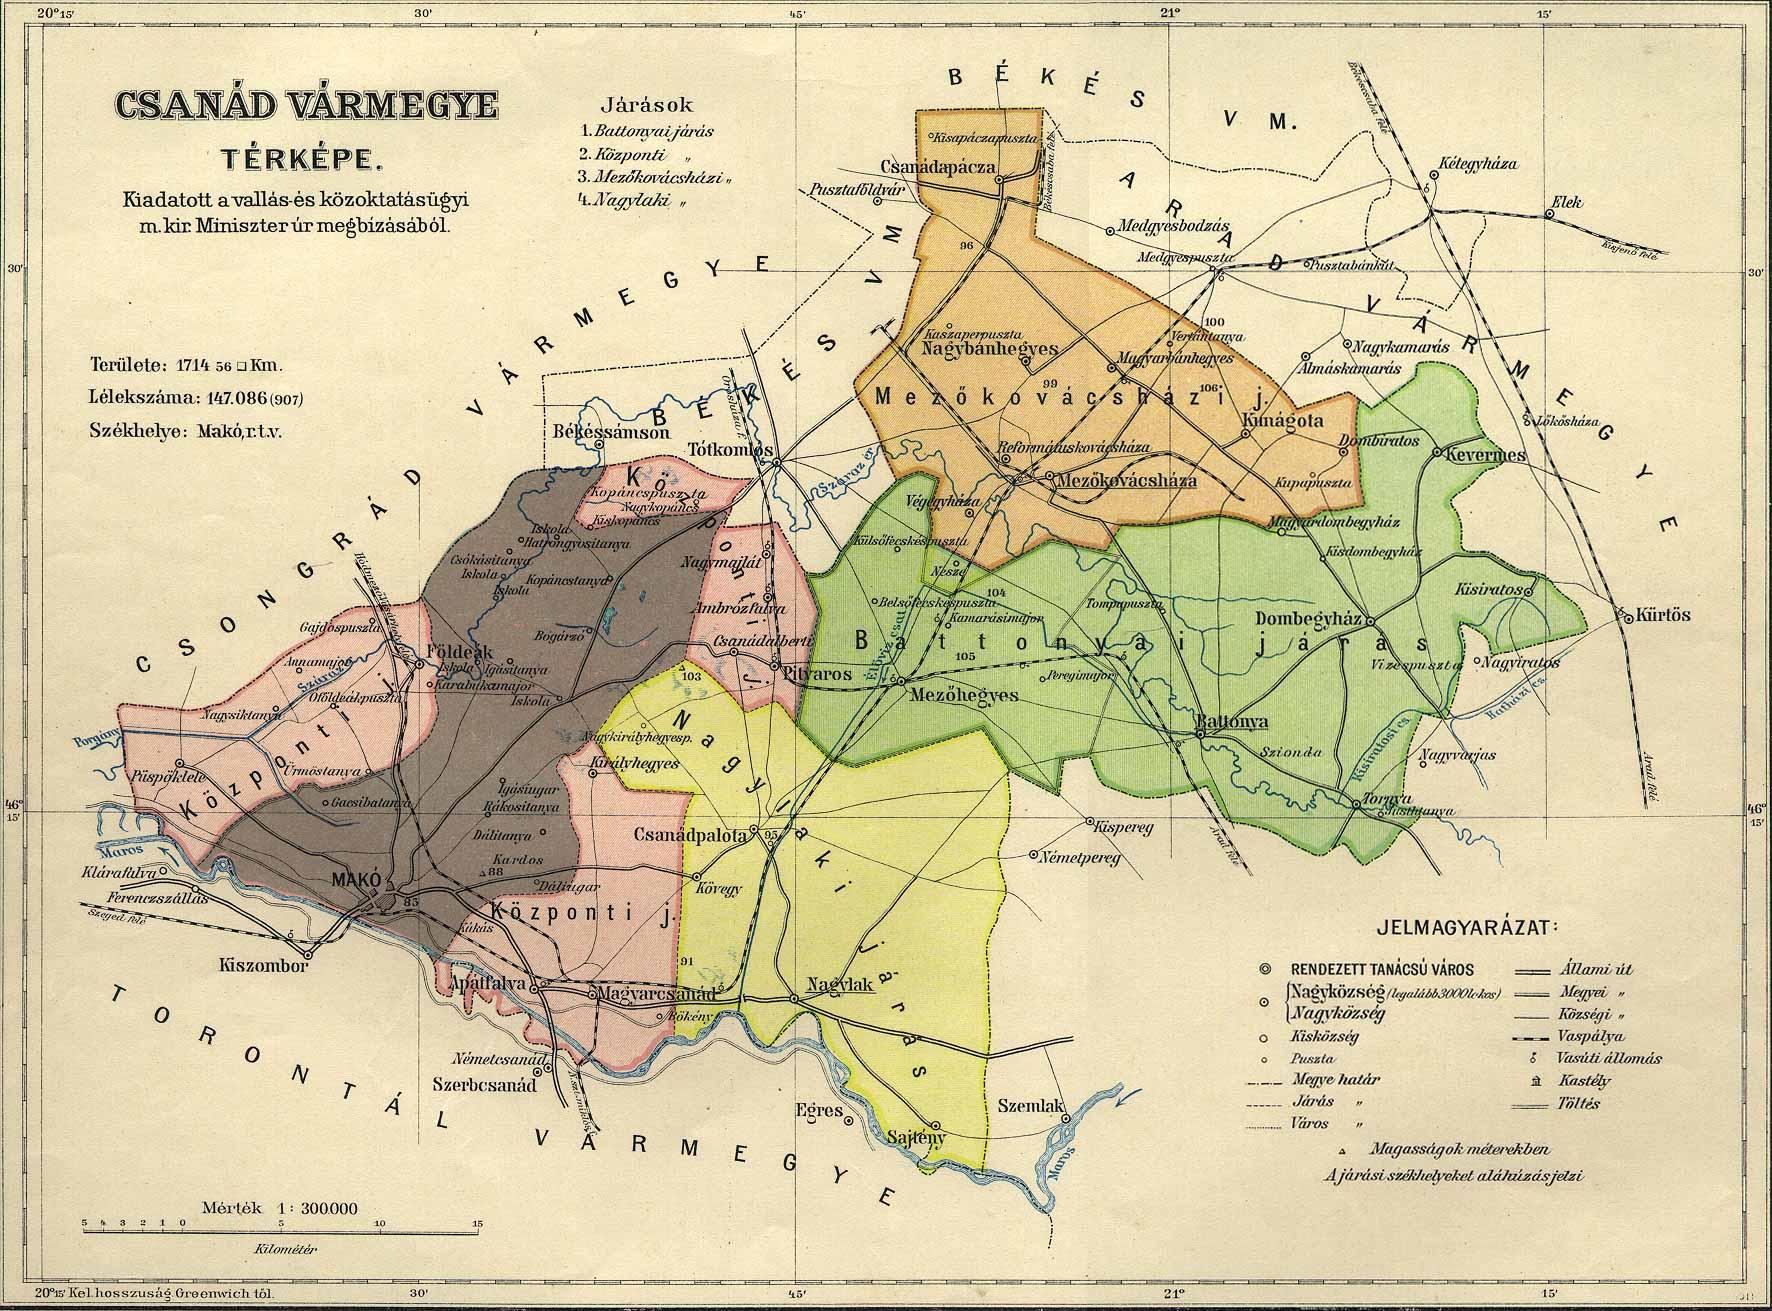 vármegyék térkép Osztrák Magyar Monarchia varmegyei (1910)